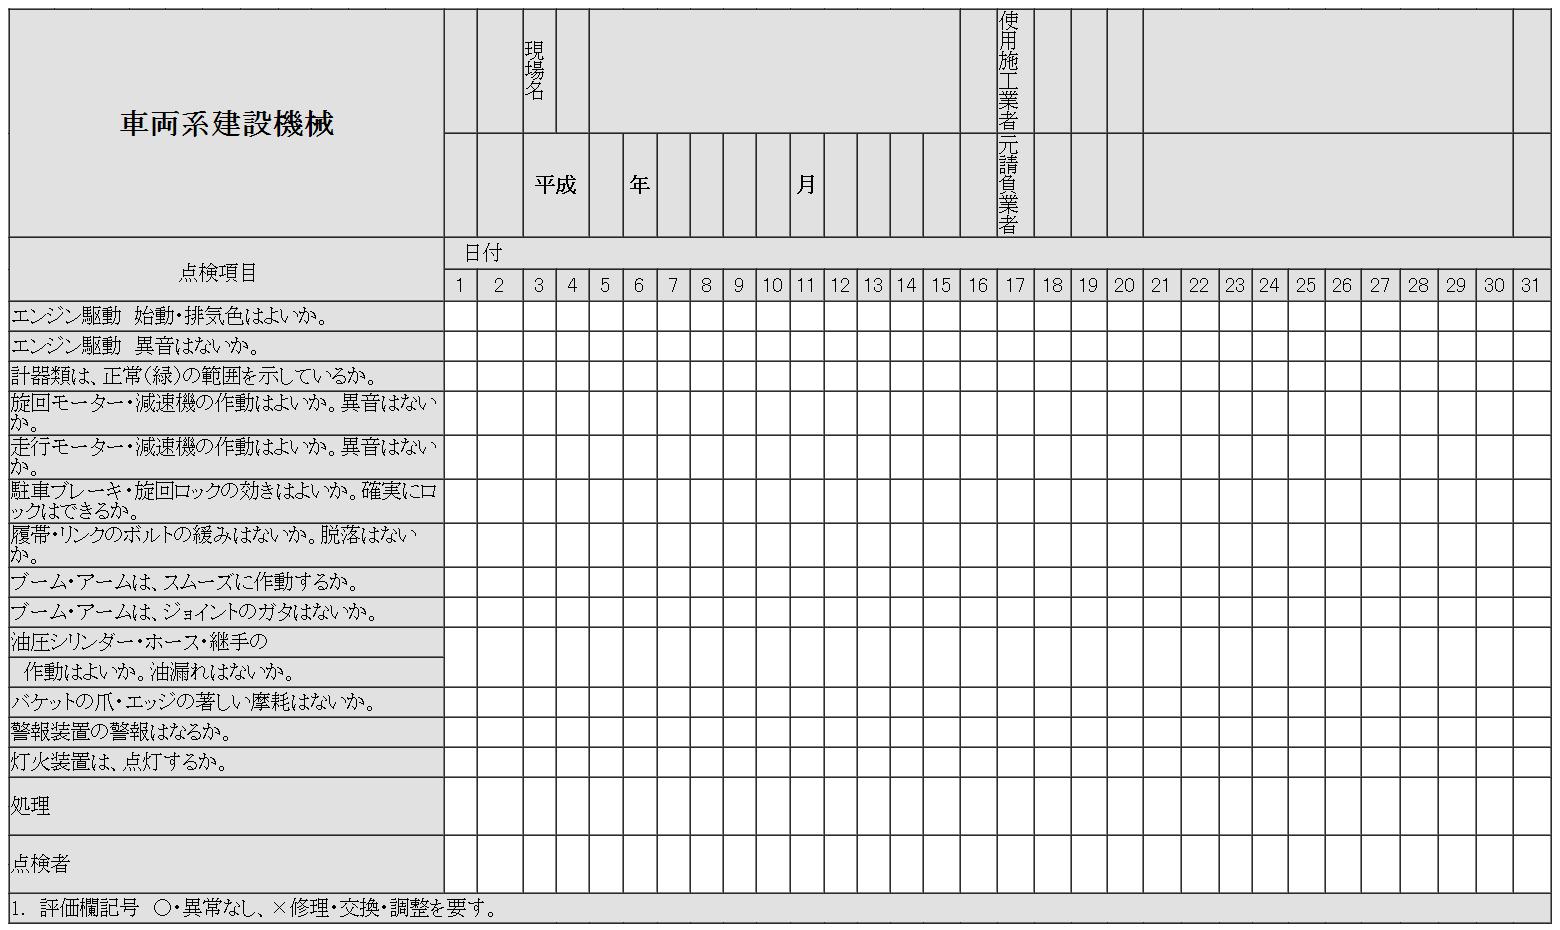 車両系建設機械点検表